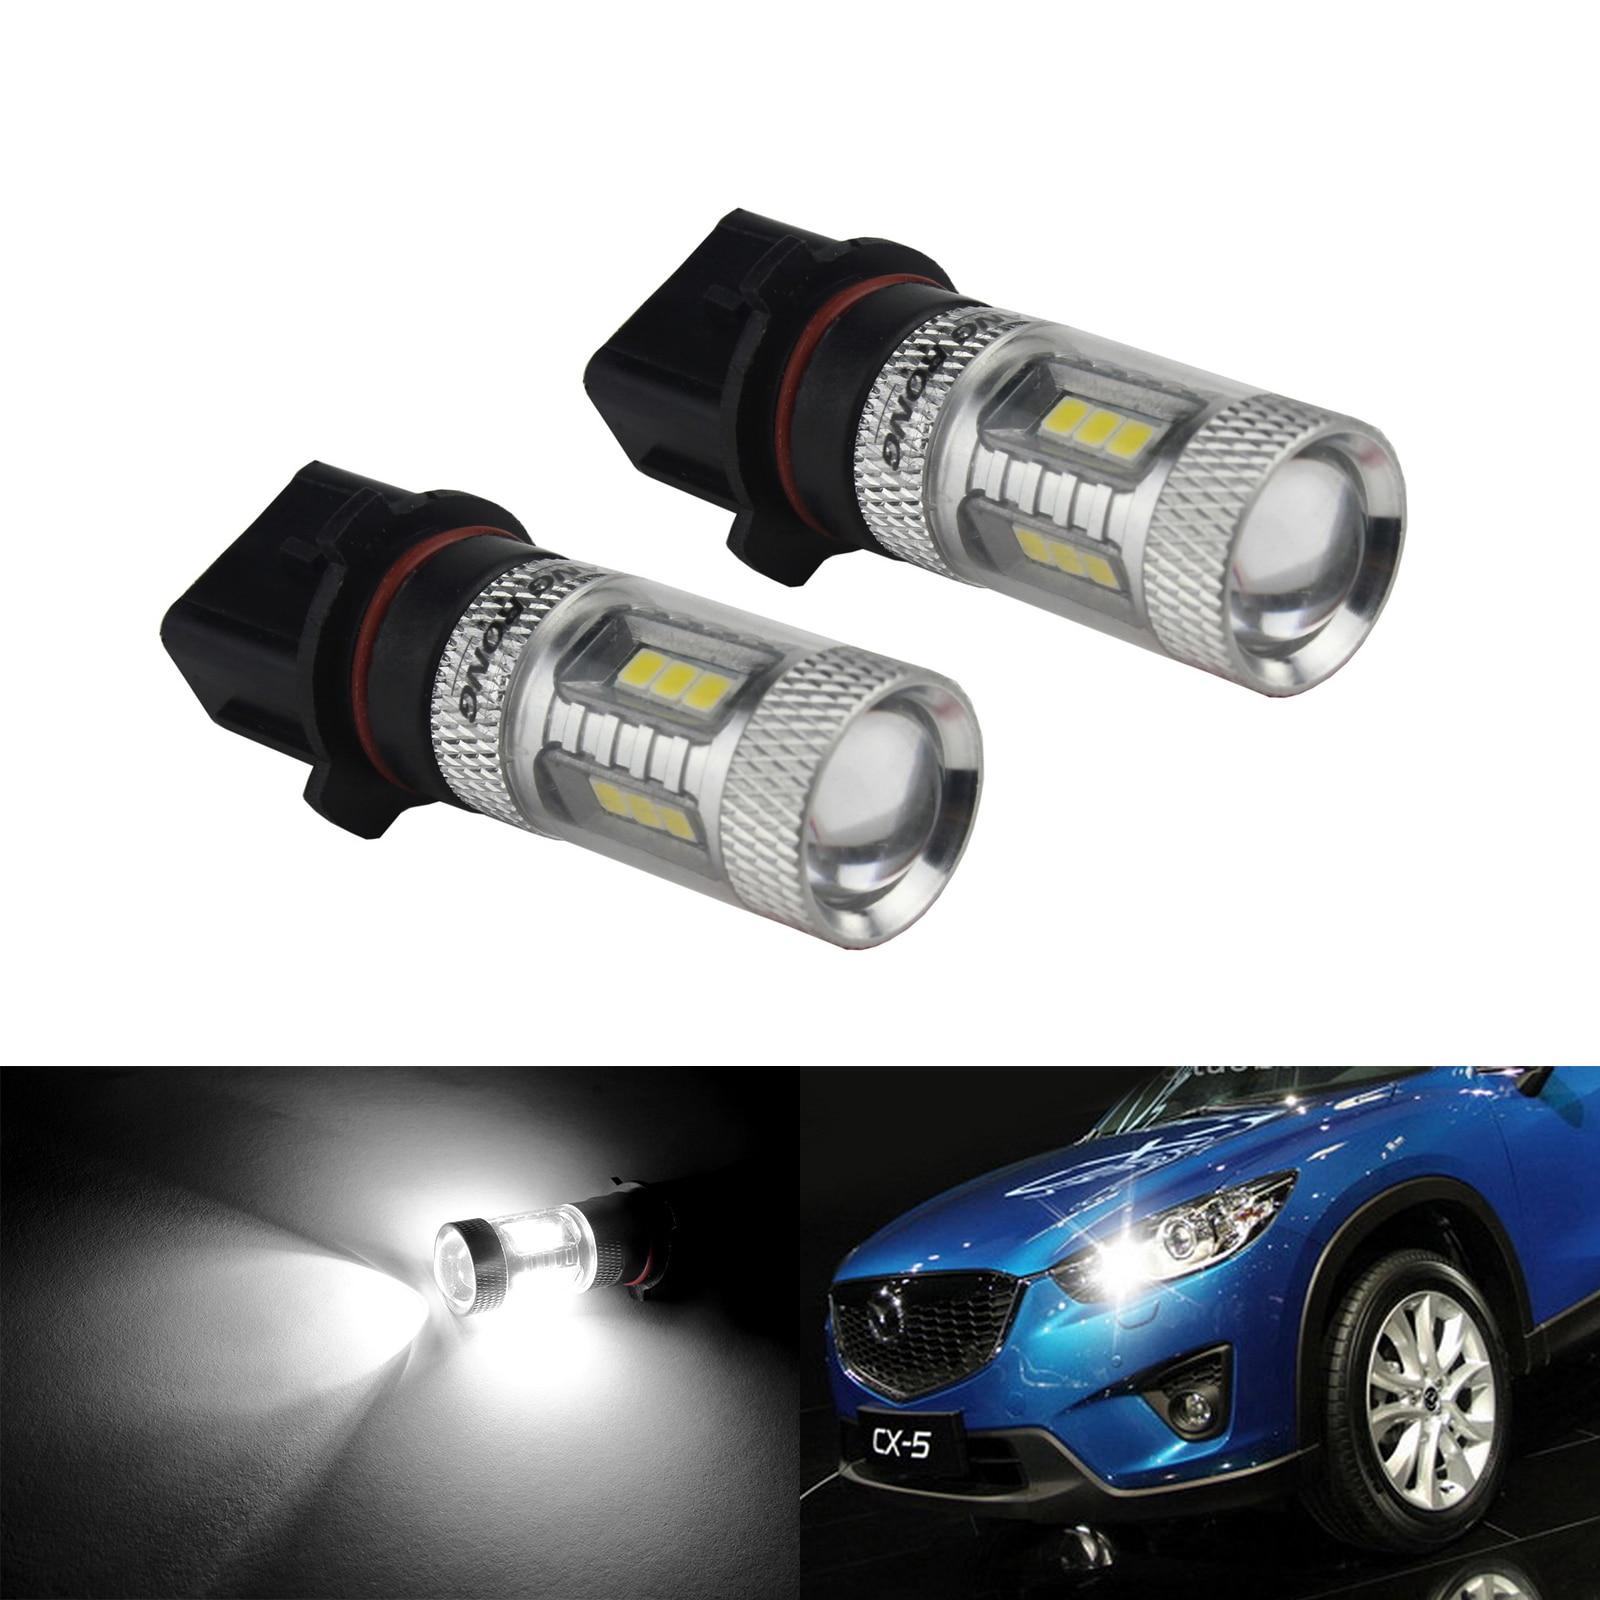 ANGRONG 2x P13W Bulb 15W LED Fog Daytime Running Light For Skoda Yeti 5L 508 For Audi A4 B8(CA219x2)